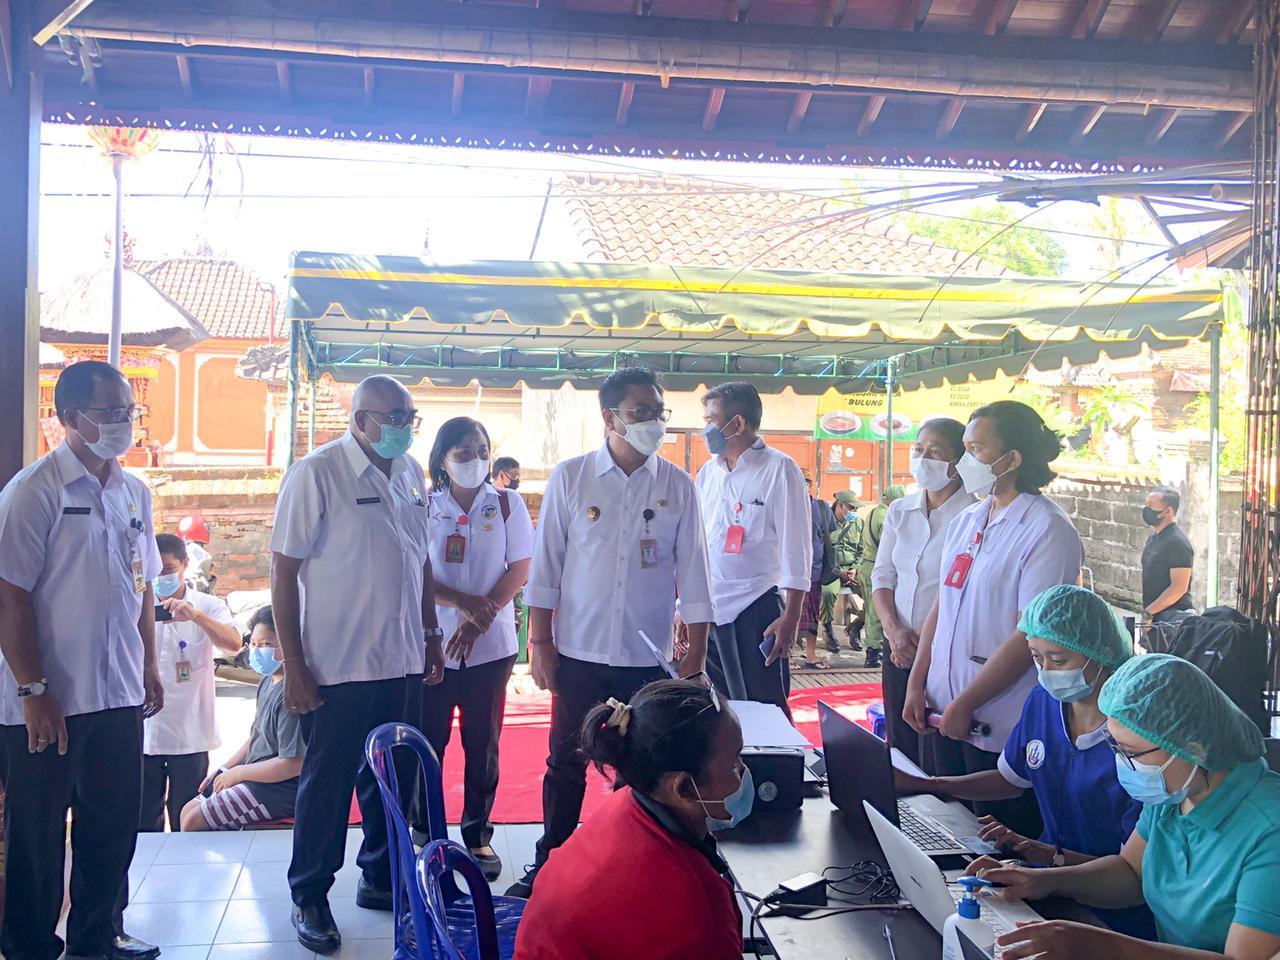 Wakil Walikota Denpasar, Arya Wibawa meninjau pelaksanaan vaksin terhadap para lansia di Denpasar